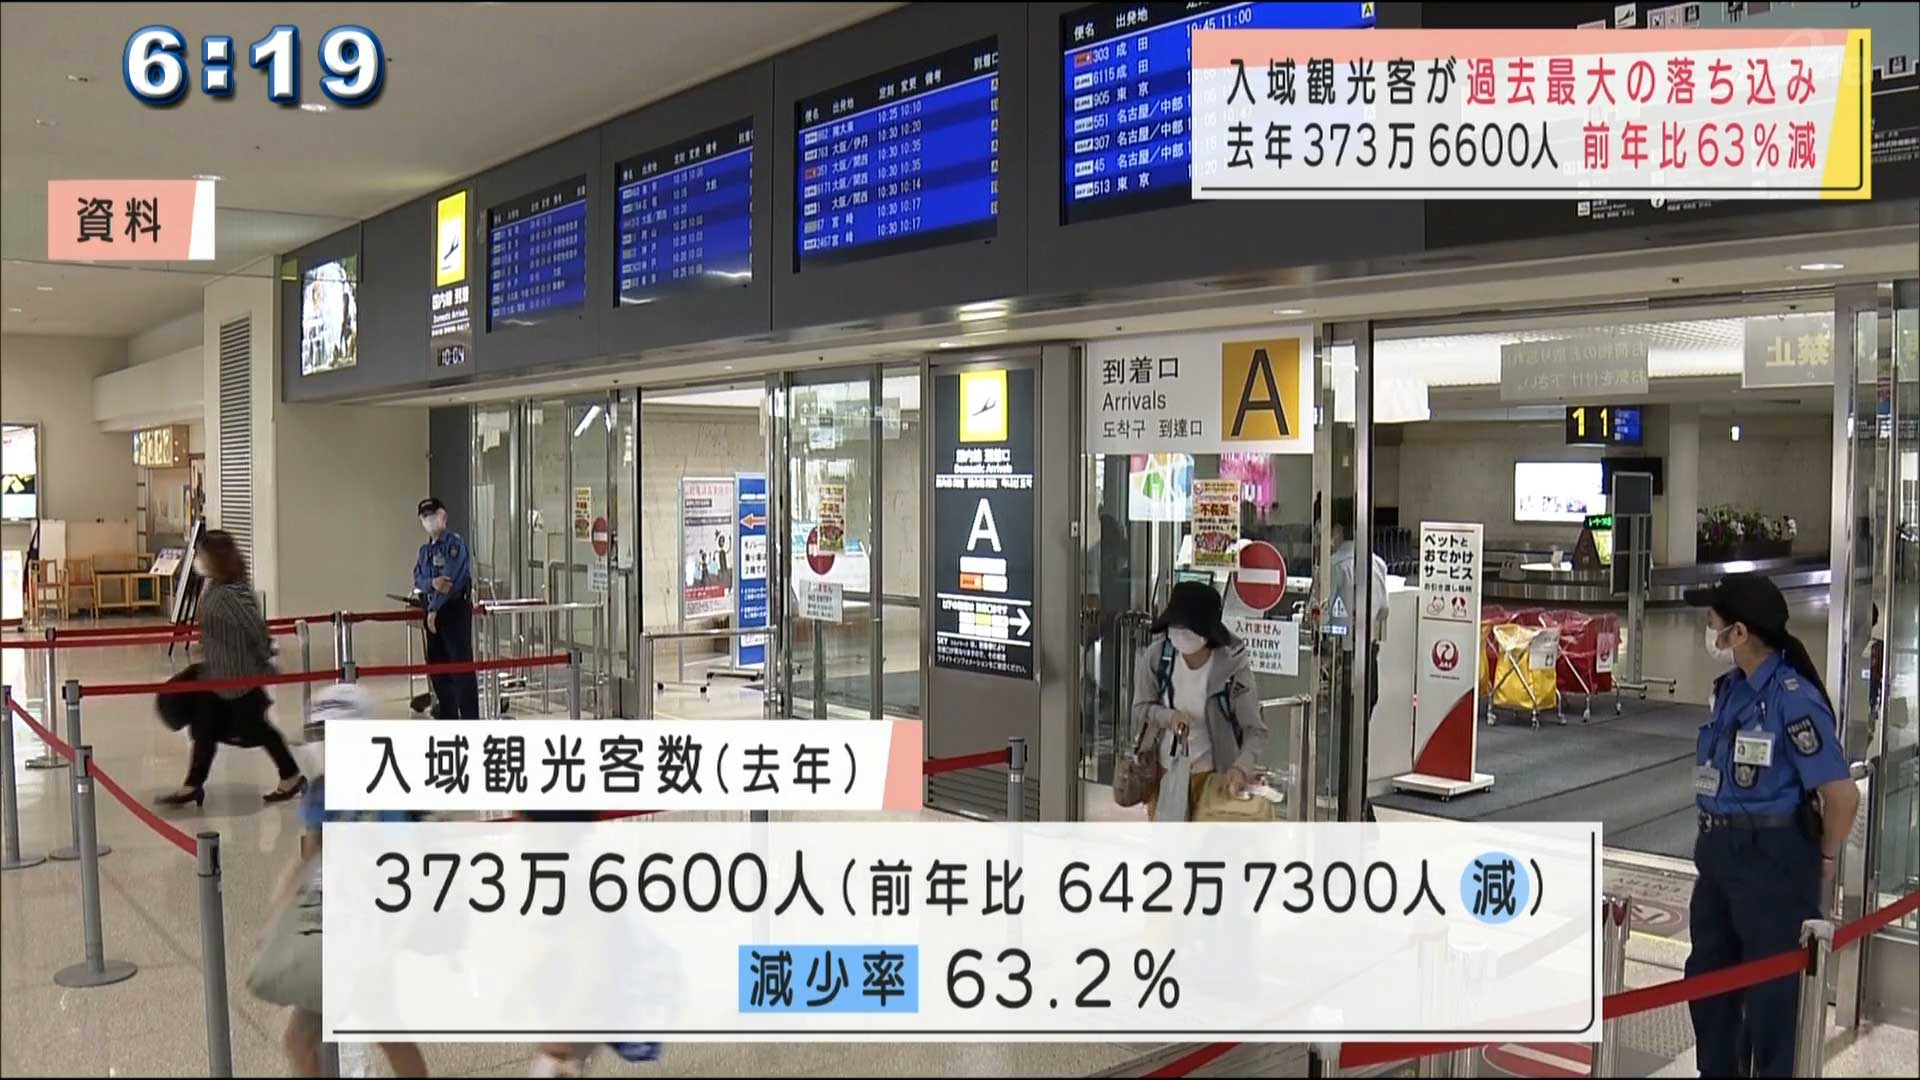 2020年沖縄の観光客数 過去最大の落ち込み